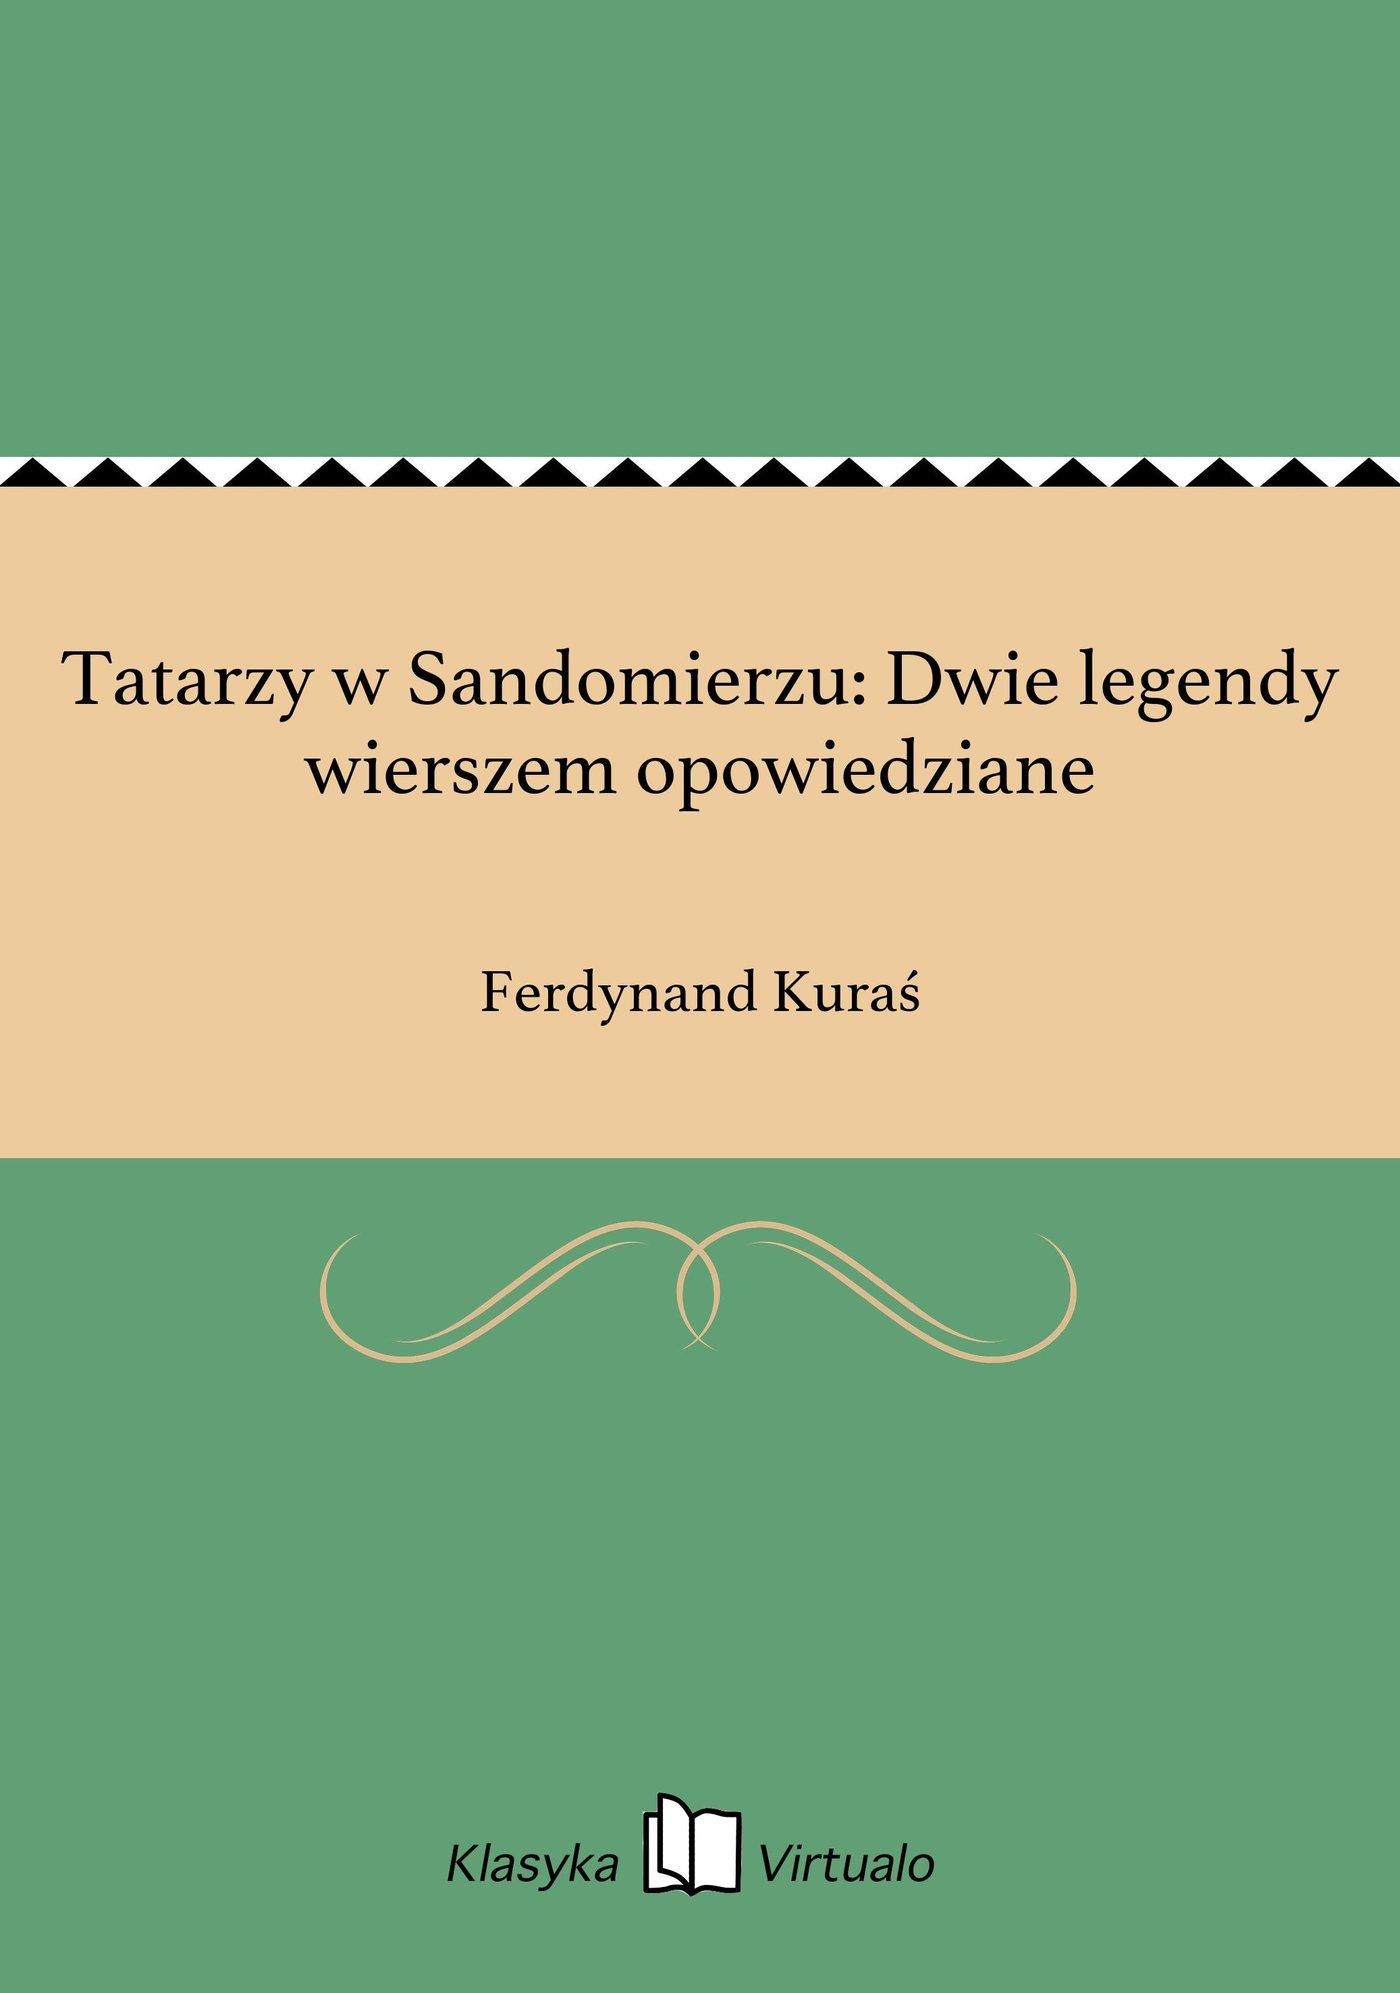 Tatarzy w Sandomierzu: Dwie legendy wierszem opowiedziane - Ebook (Książka EPUB) do pobrania w formacie EPUB